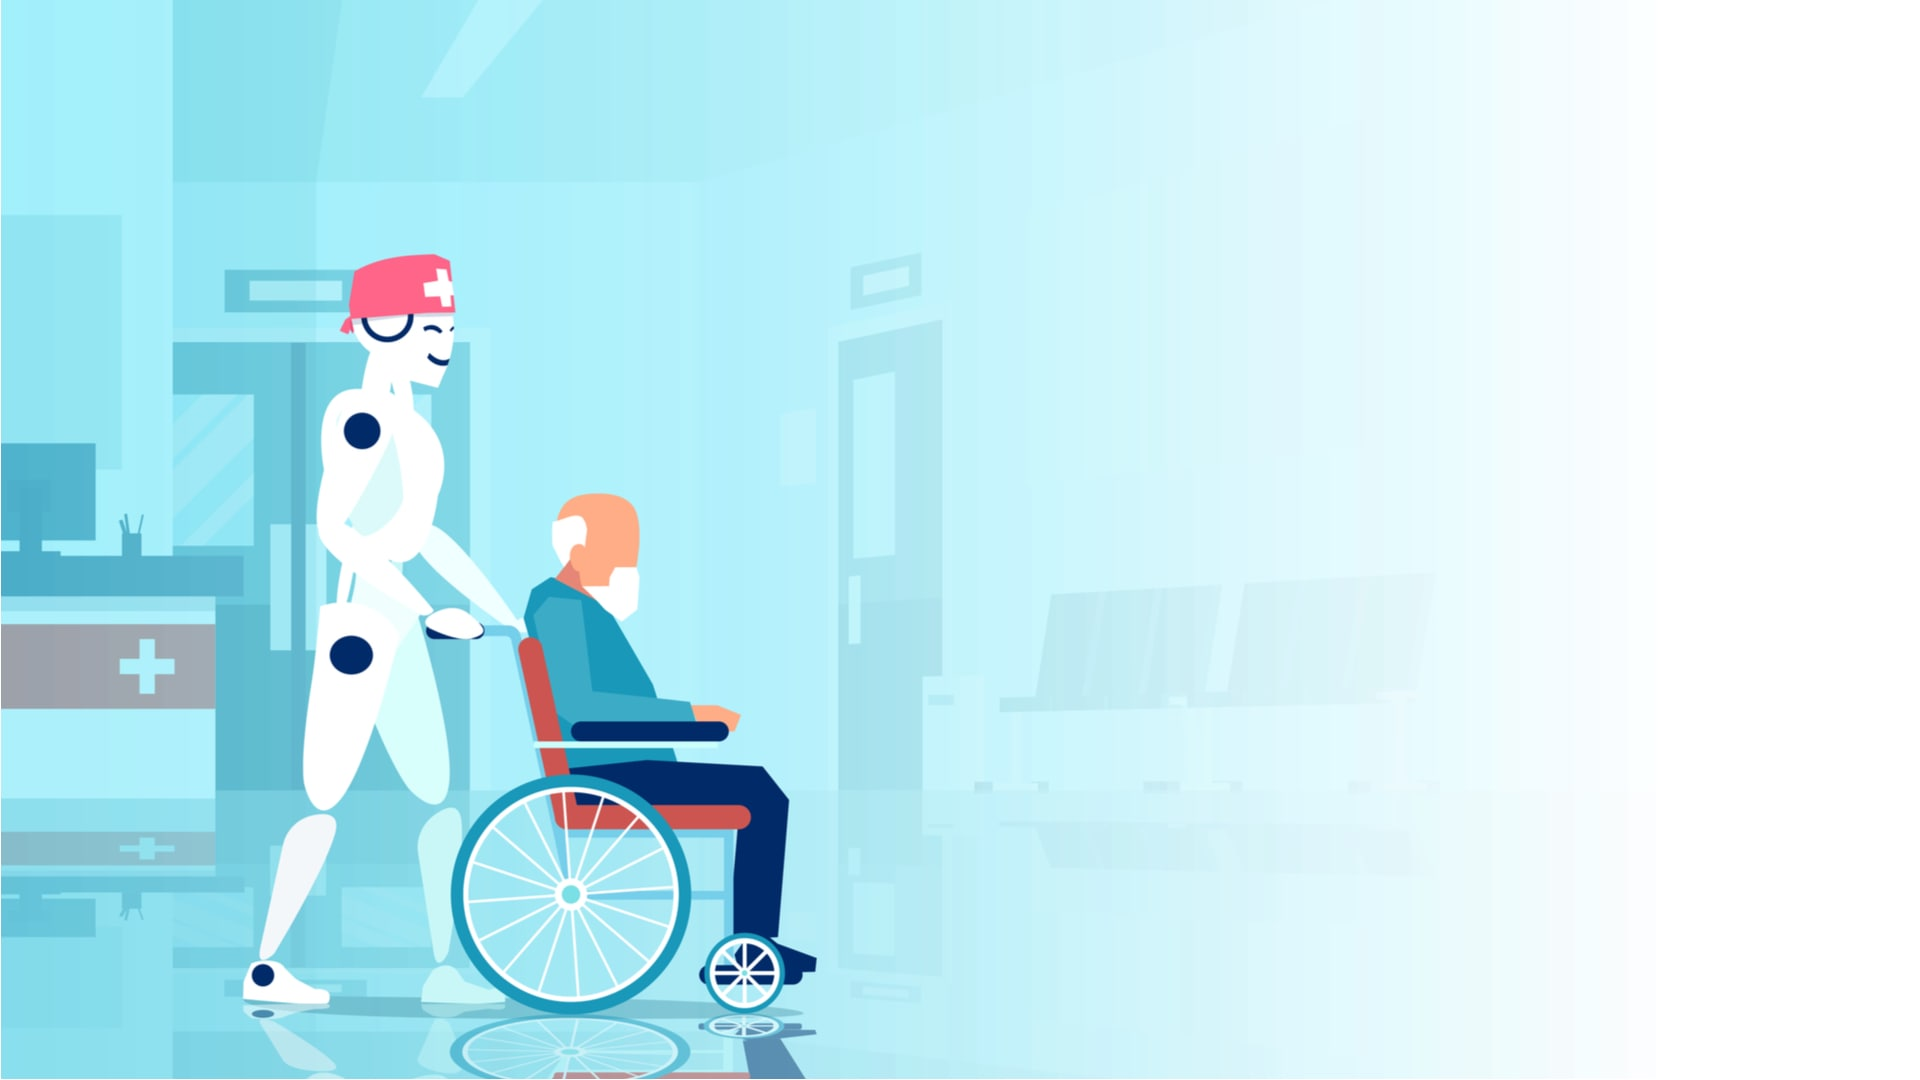 【介護ロボット】移動支援に役立つおすすめロボット4選!